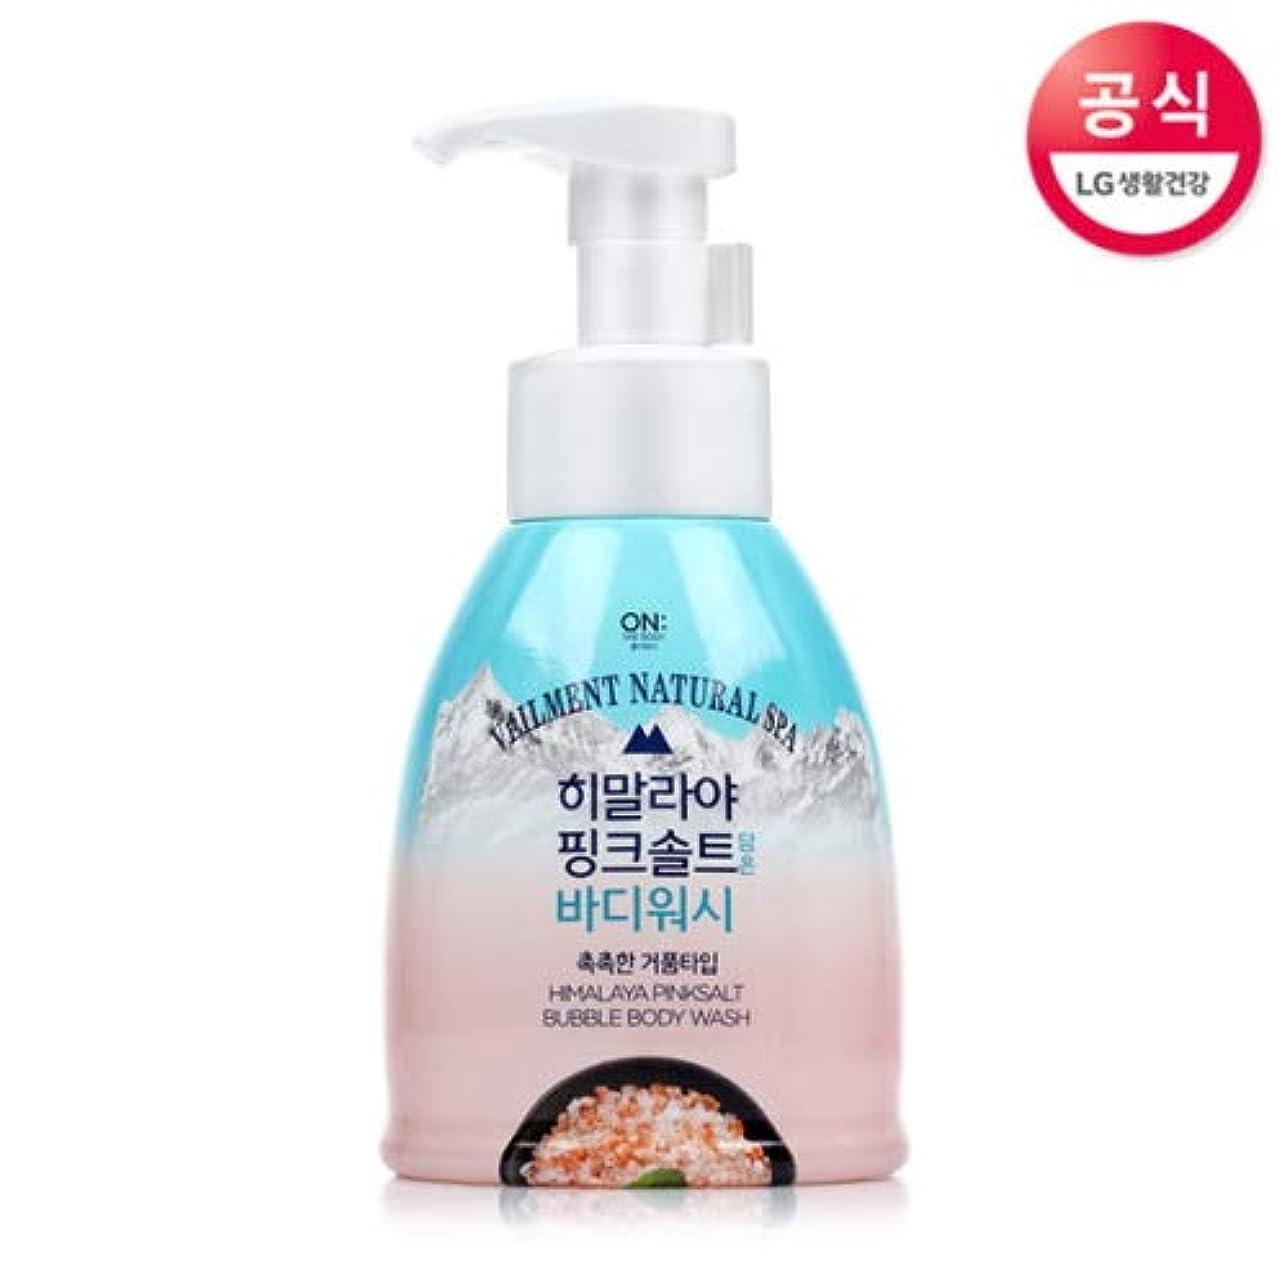 ポット音声遺伝的[LG HnB] On the Body Himalayan Pink Salt Bubble Body Cleanser/オンザボディヒマラヤピンクソルト、バブルボディクレンザー 540ml x1個(海外直送品)